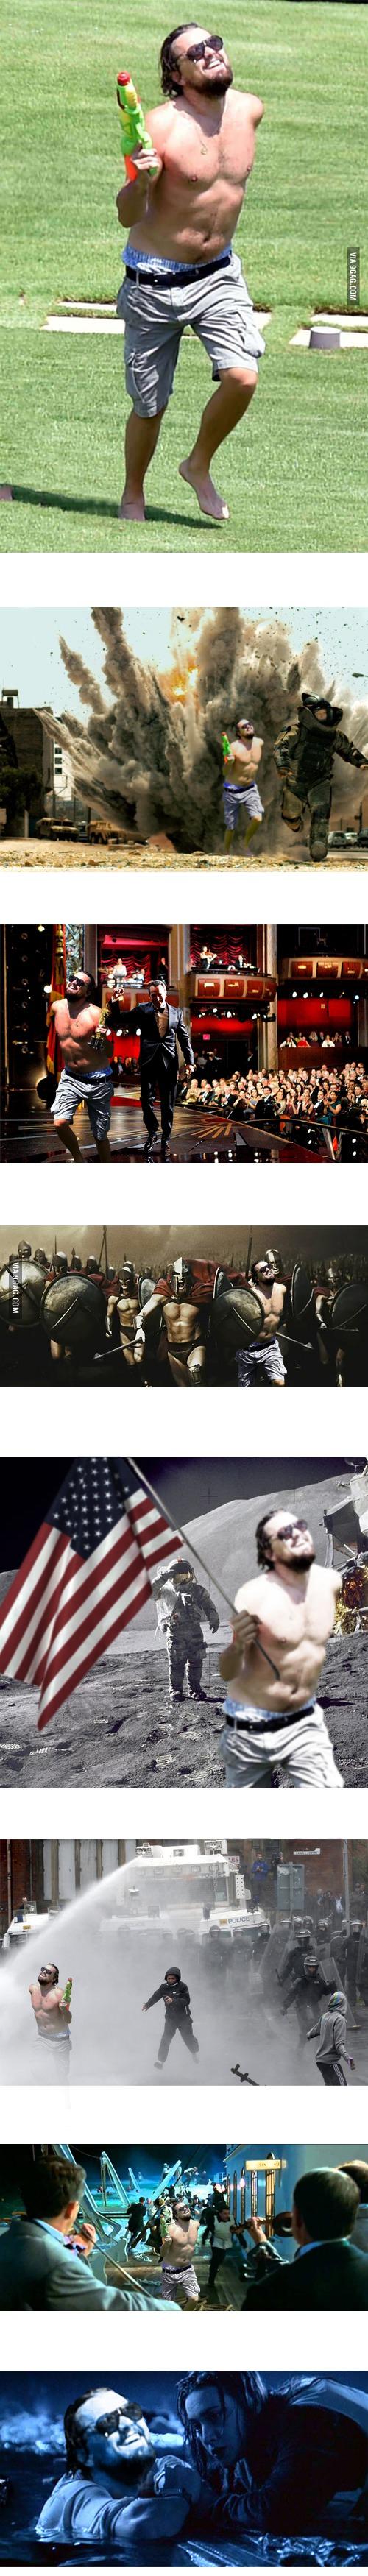 Meme-monday-Leonardo-DiCaprio